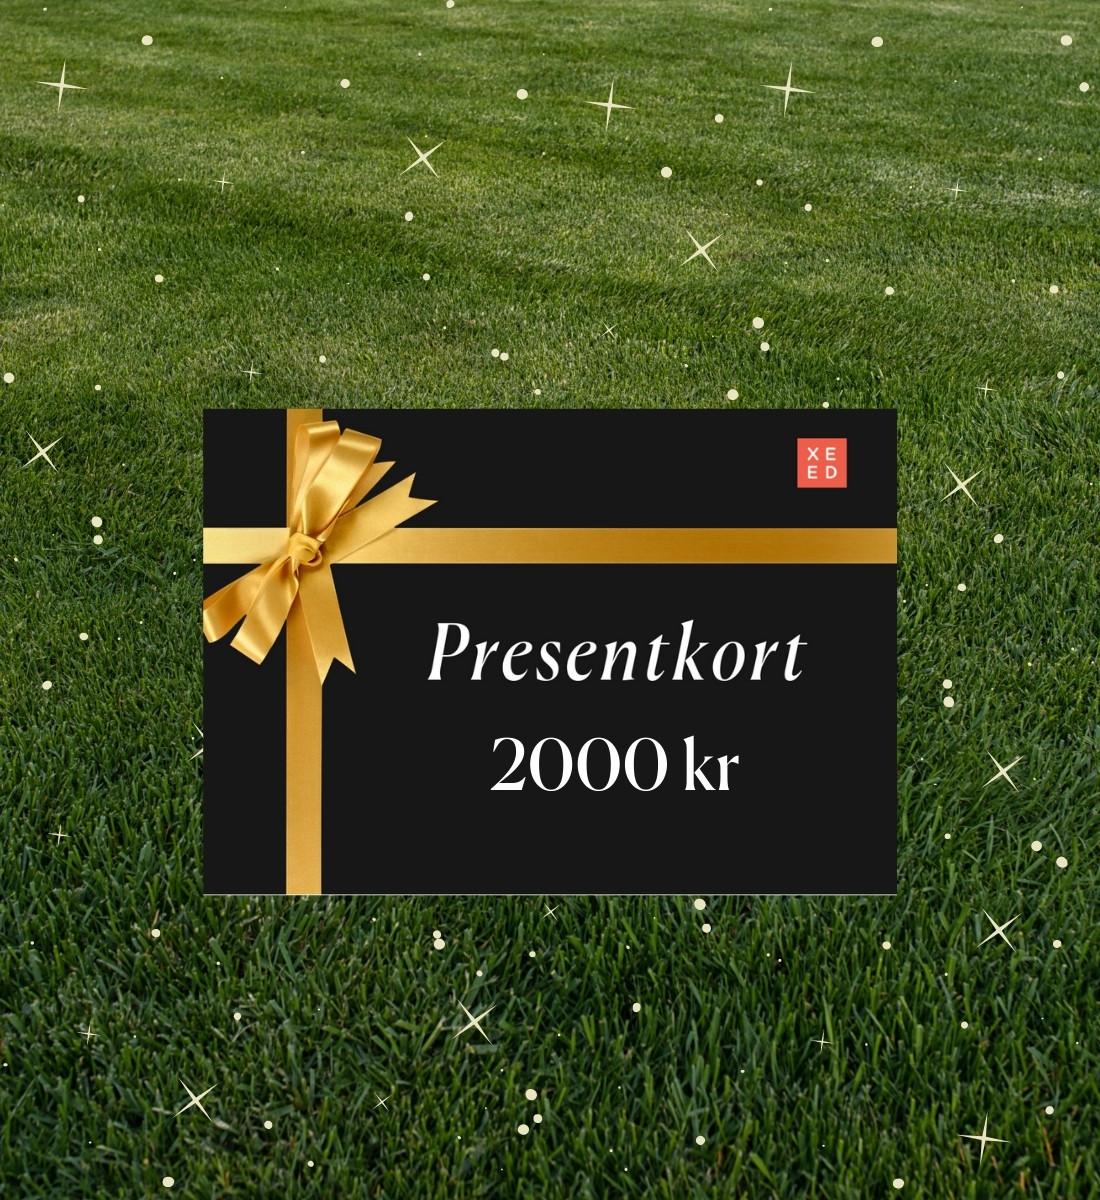 Presentkort 2000 kr på Xeed